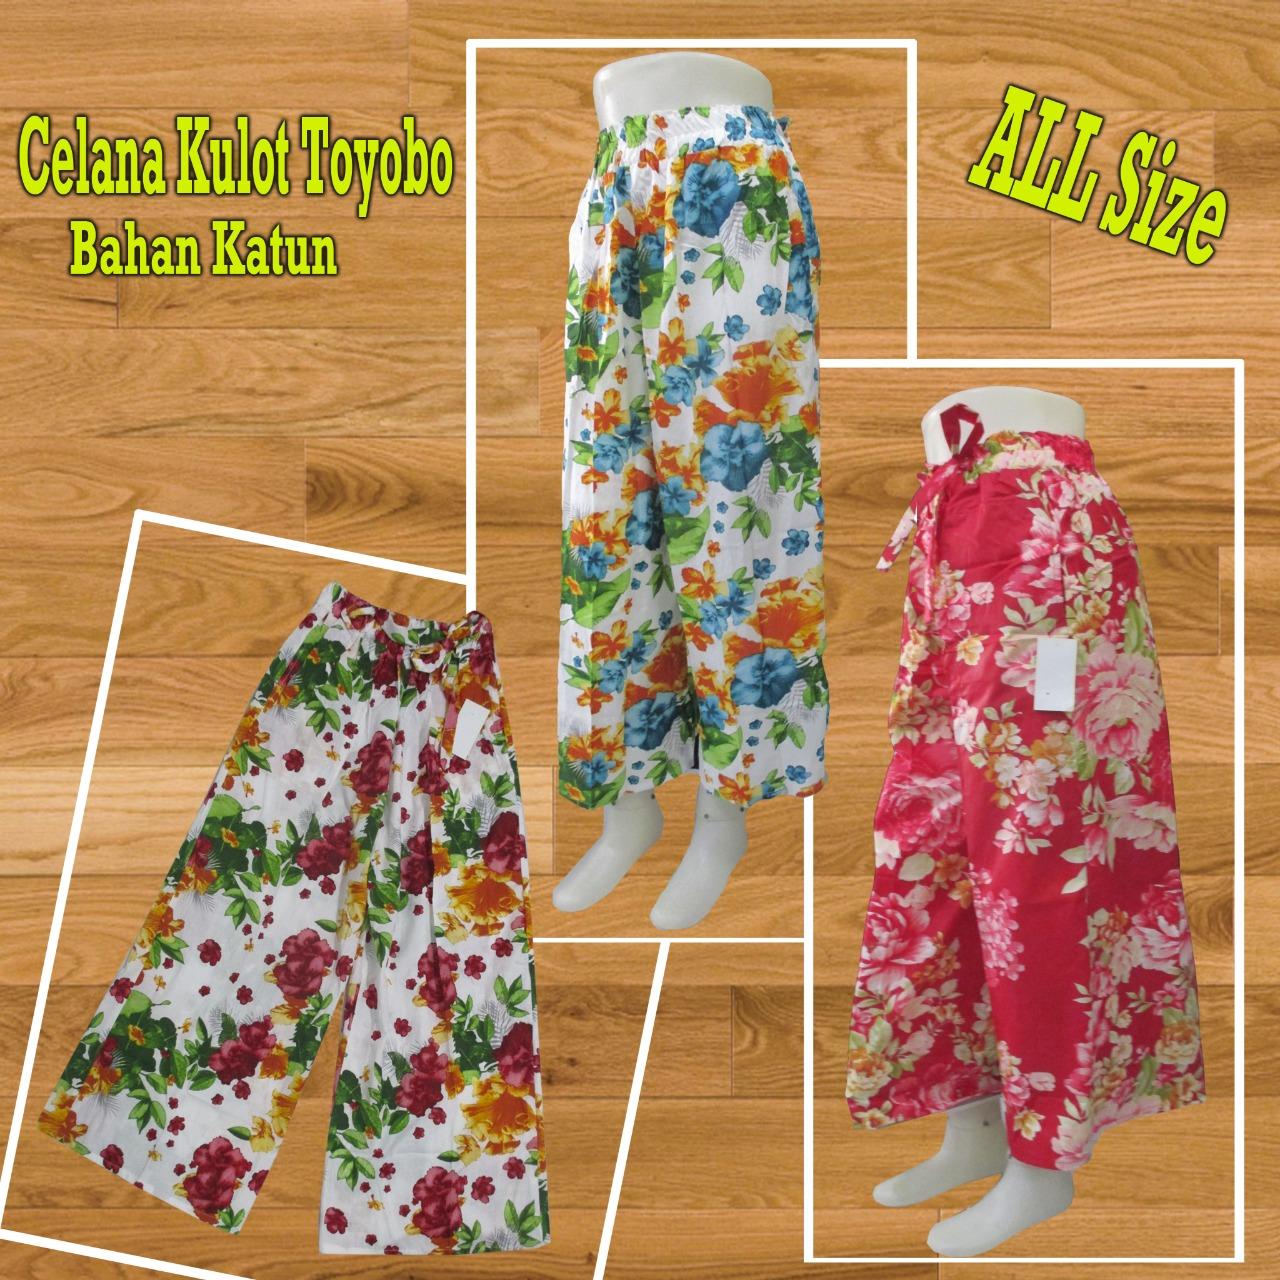 ObralanBaju.com Obral Baju Pakaian Murah Meriah 5000 Celana Kulot Toyobo